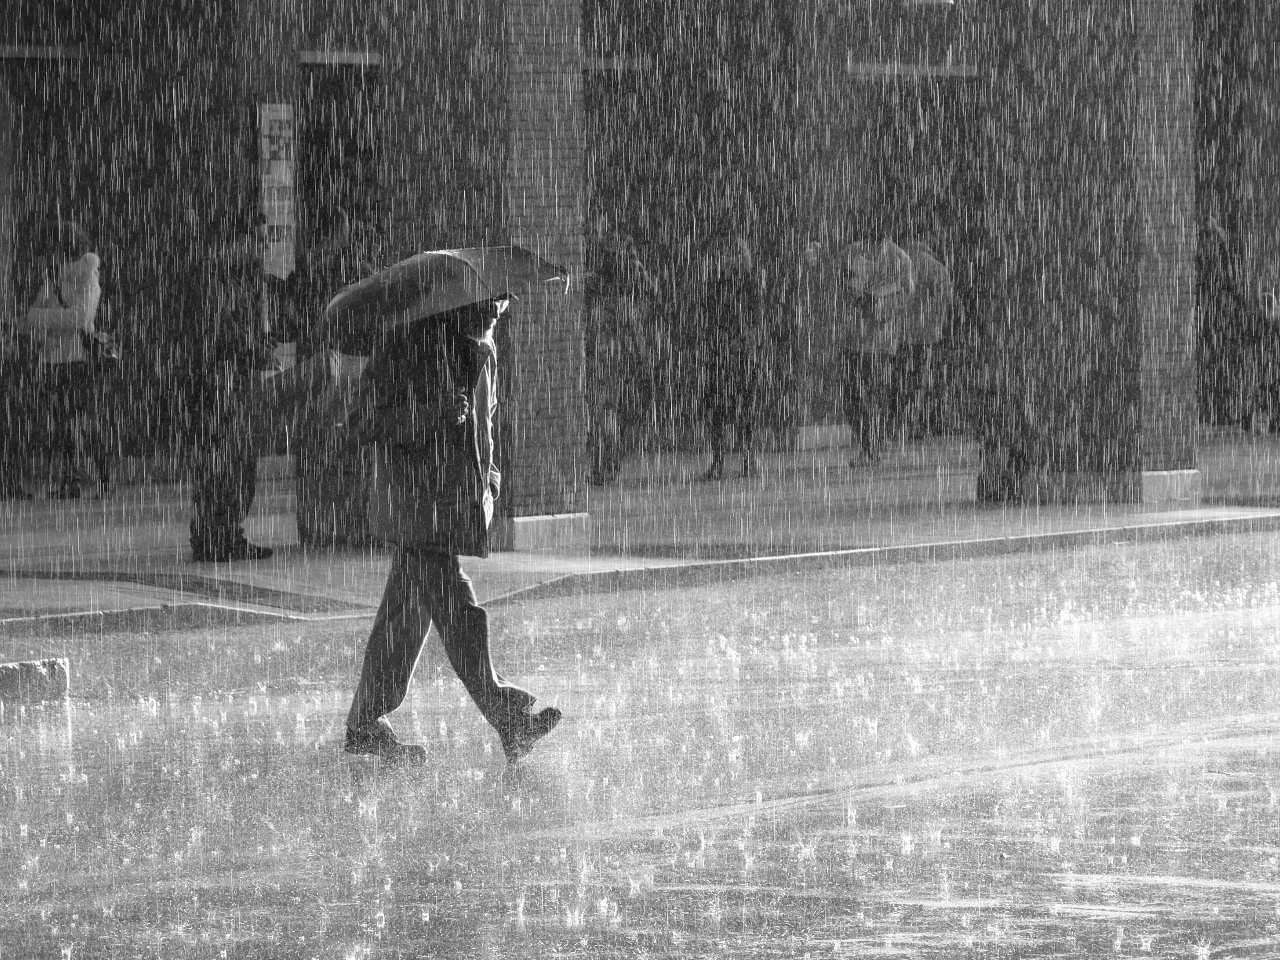 Mε βροχές και καταιγίδες μας καλωσορίζει ο Σεπτέμβριος